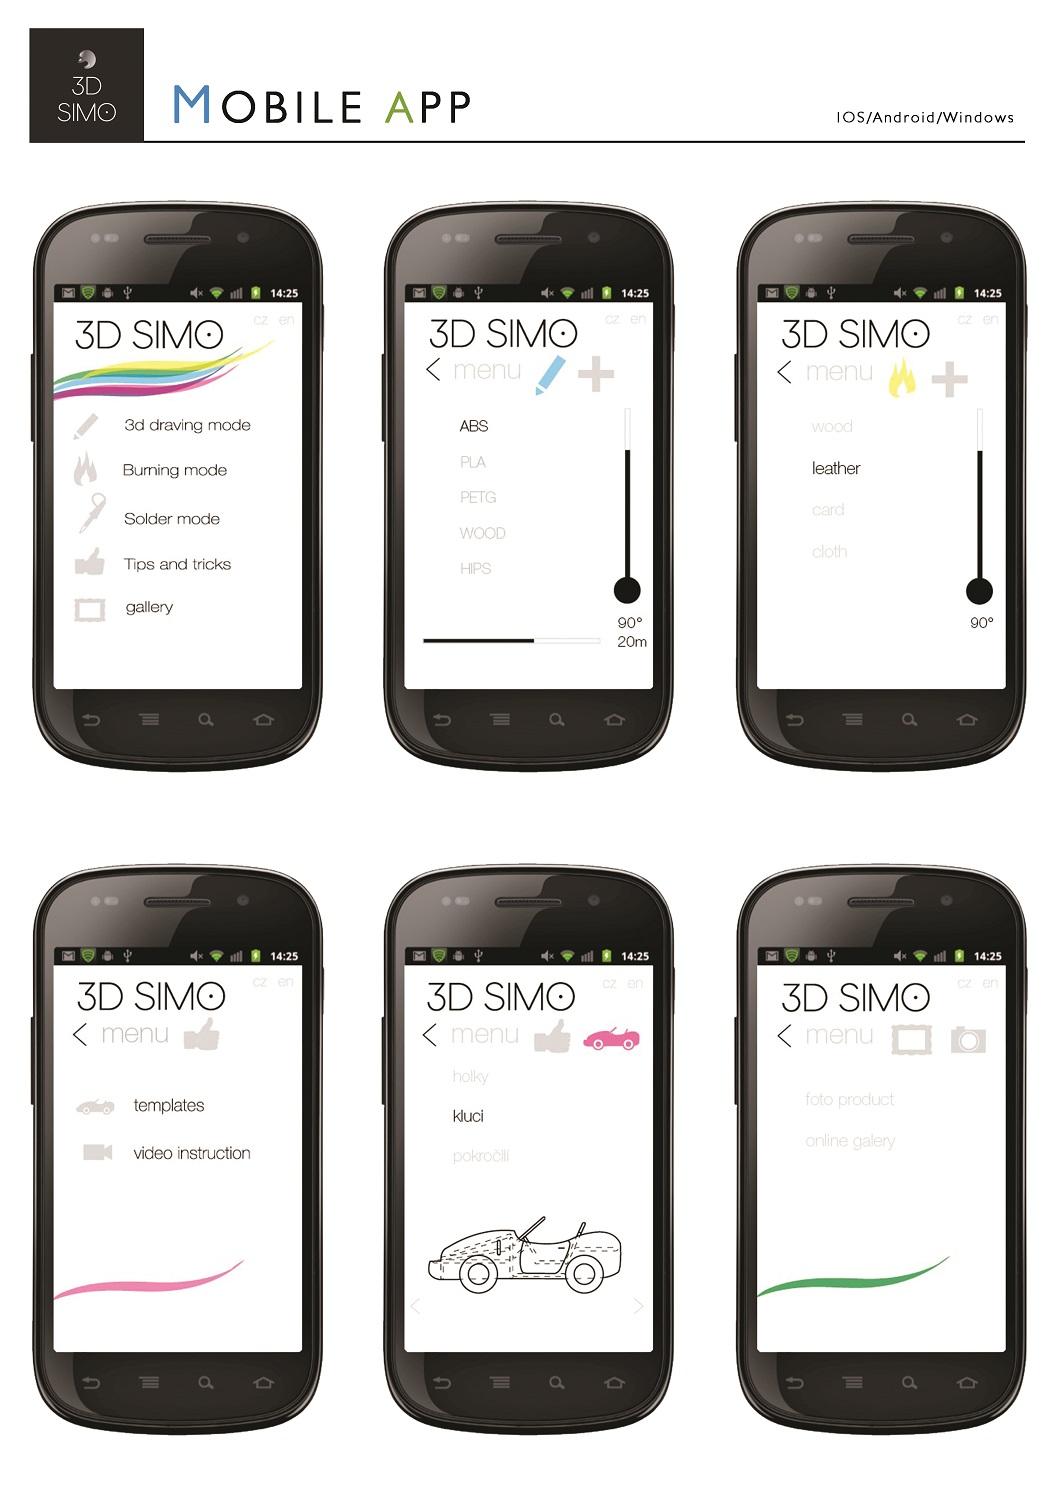 3DSimo Mobile App 1